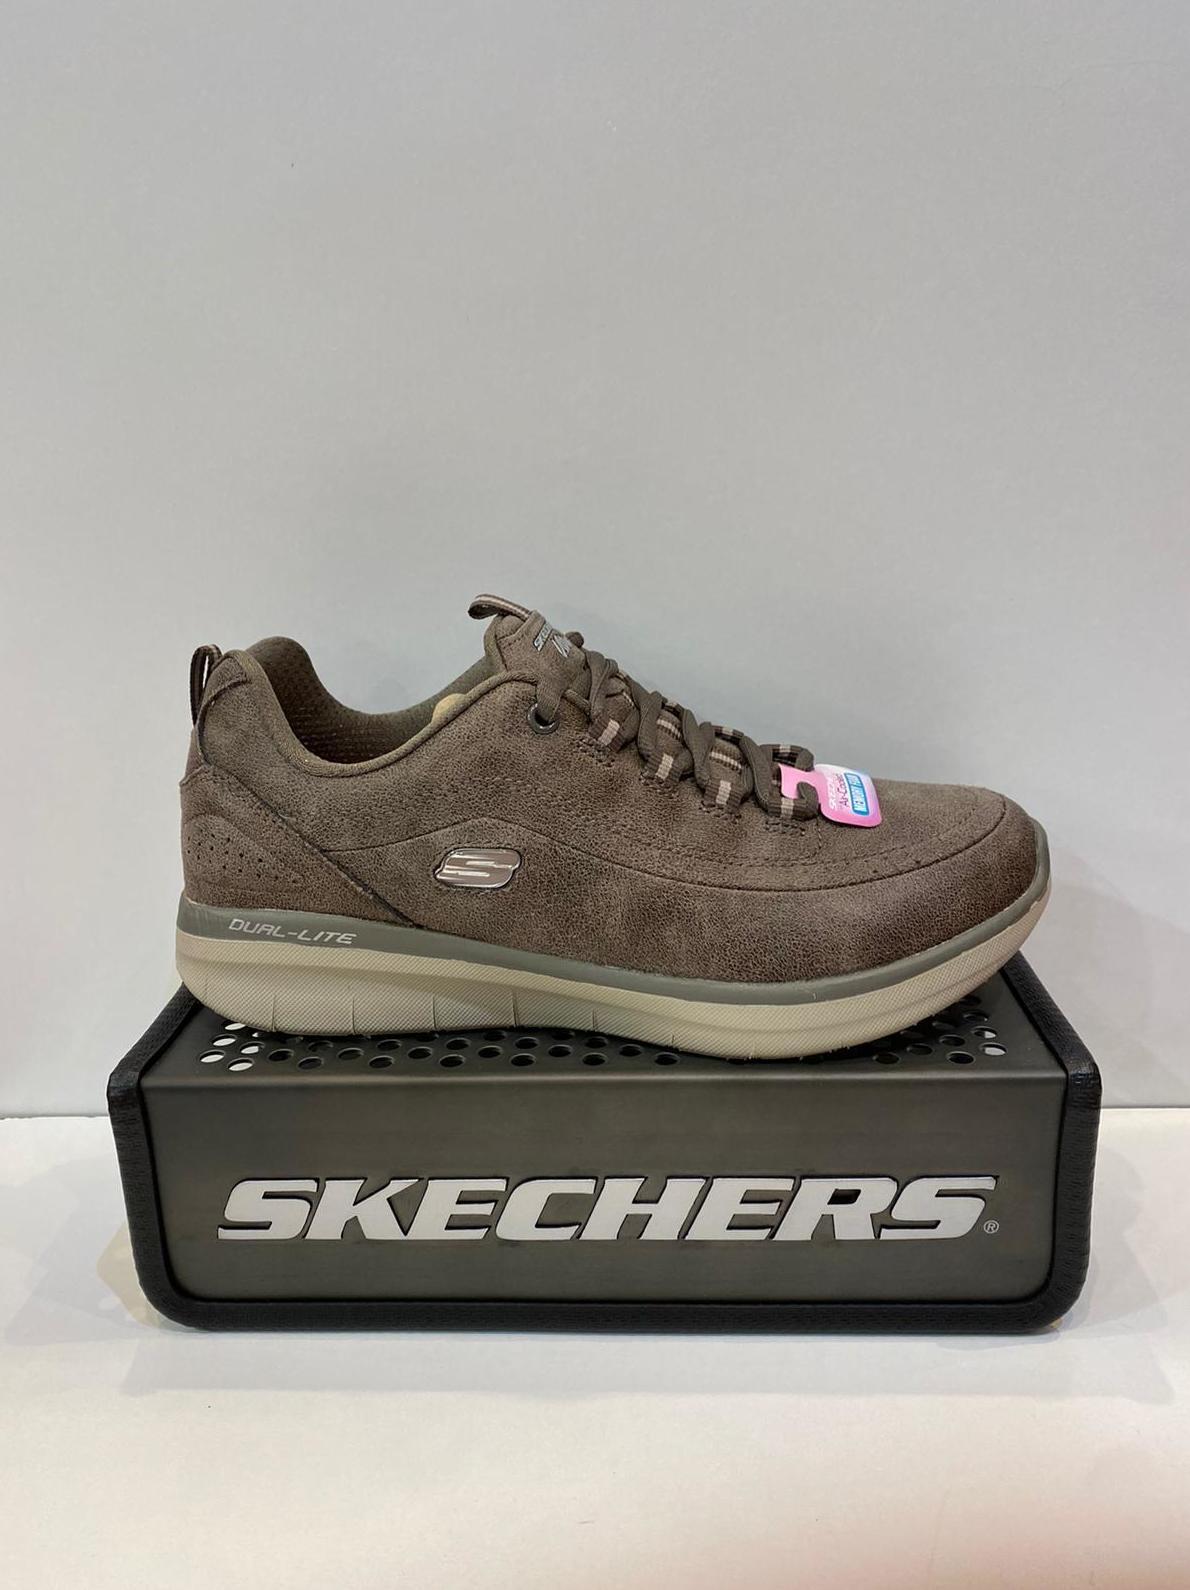 Sabata esportiva de dona, de la marca Skechers, plantilla memory foam air-cooled i sola de resalite 64.95€